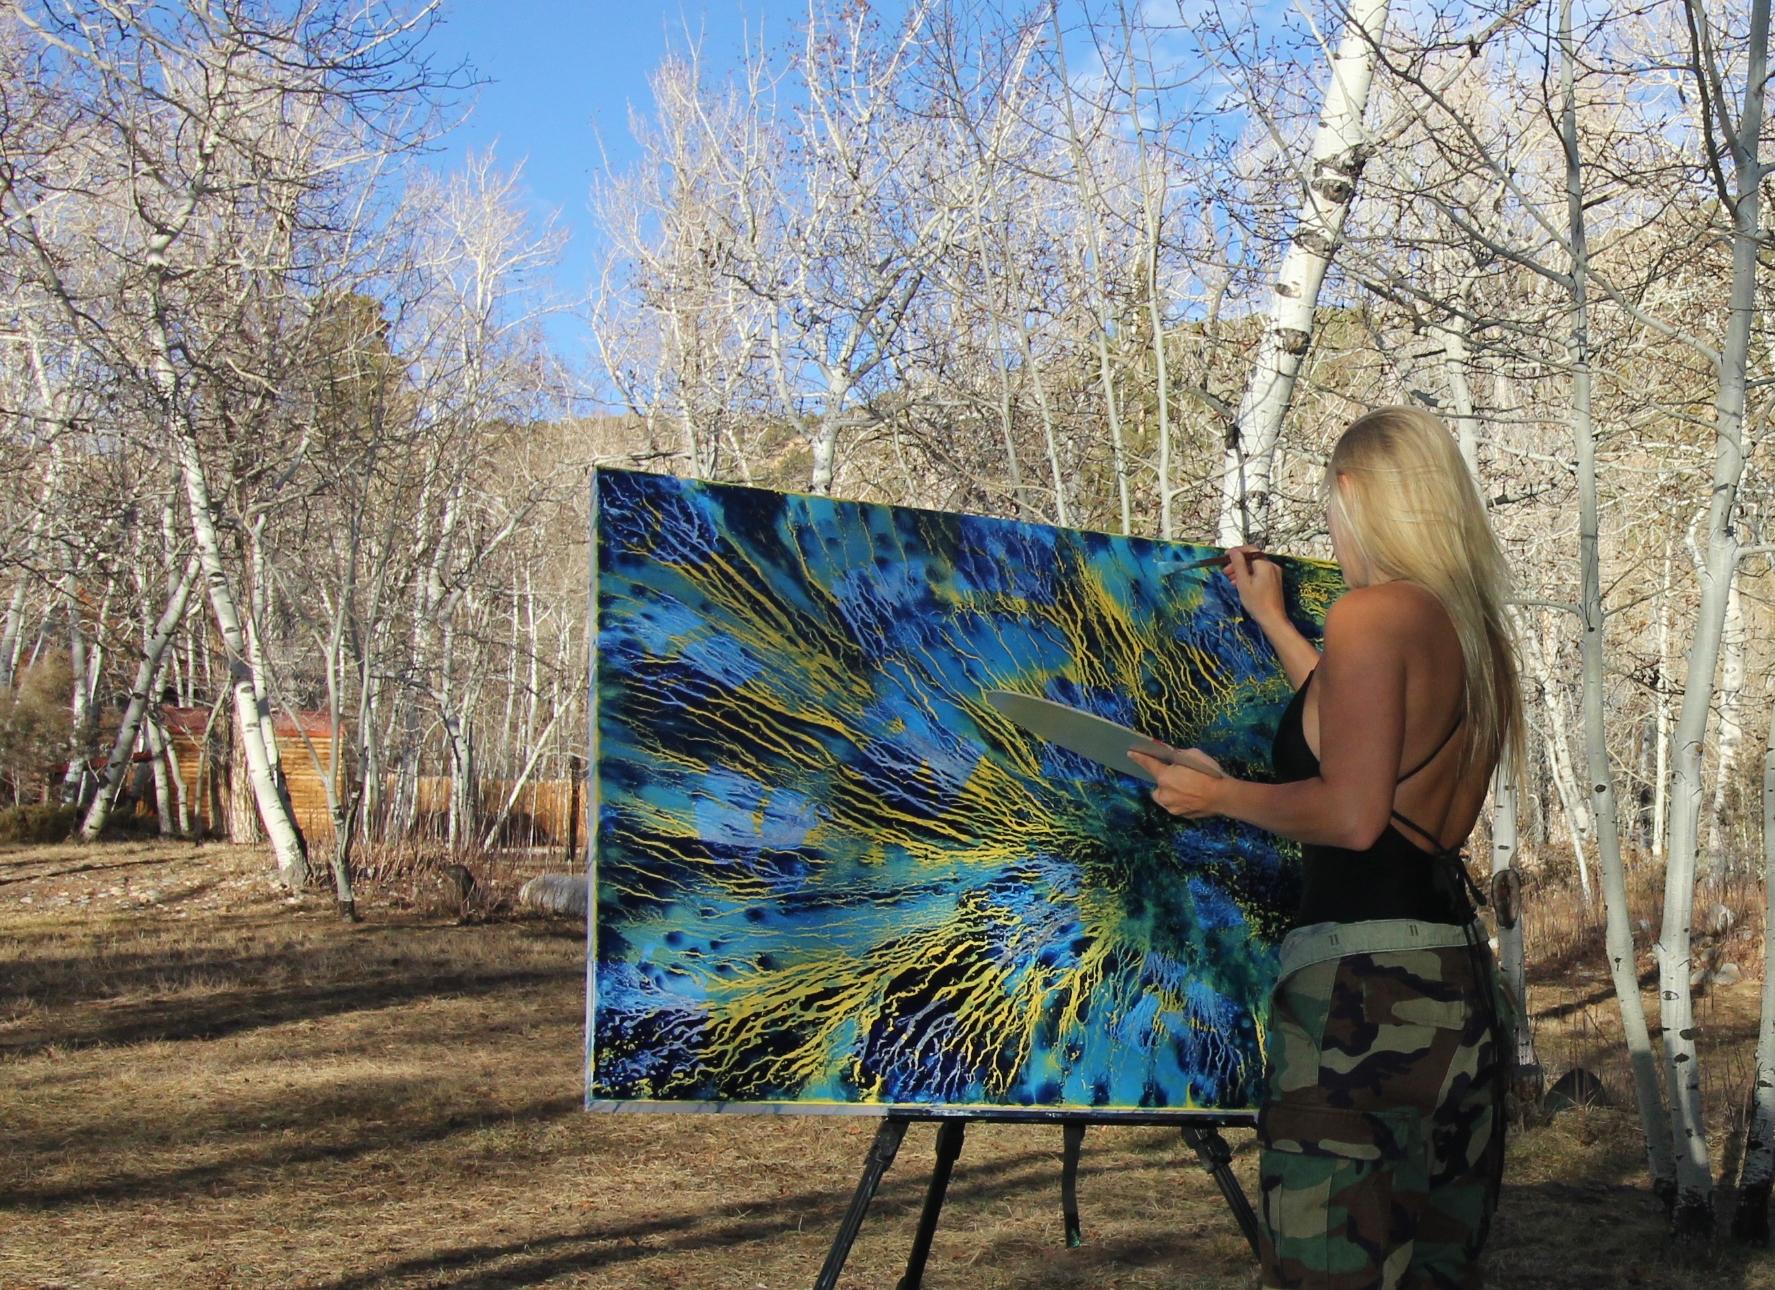 Moutain Art Venture